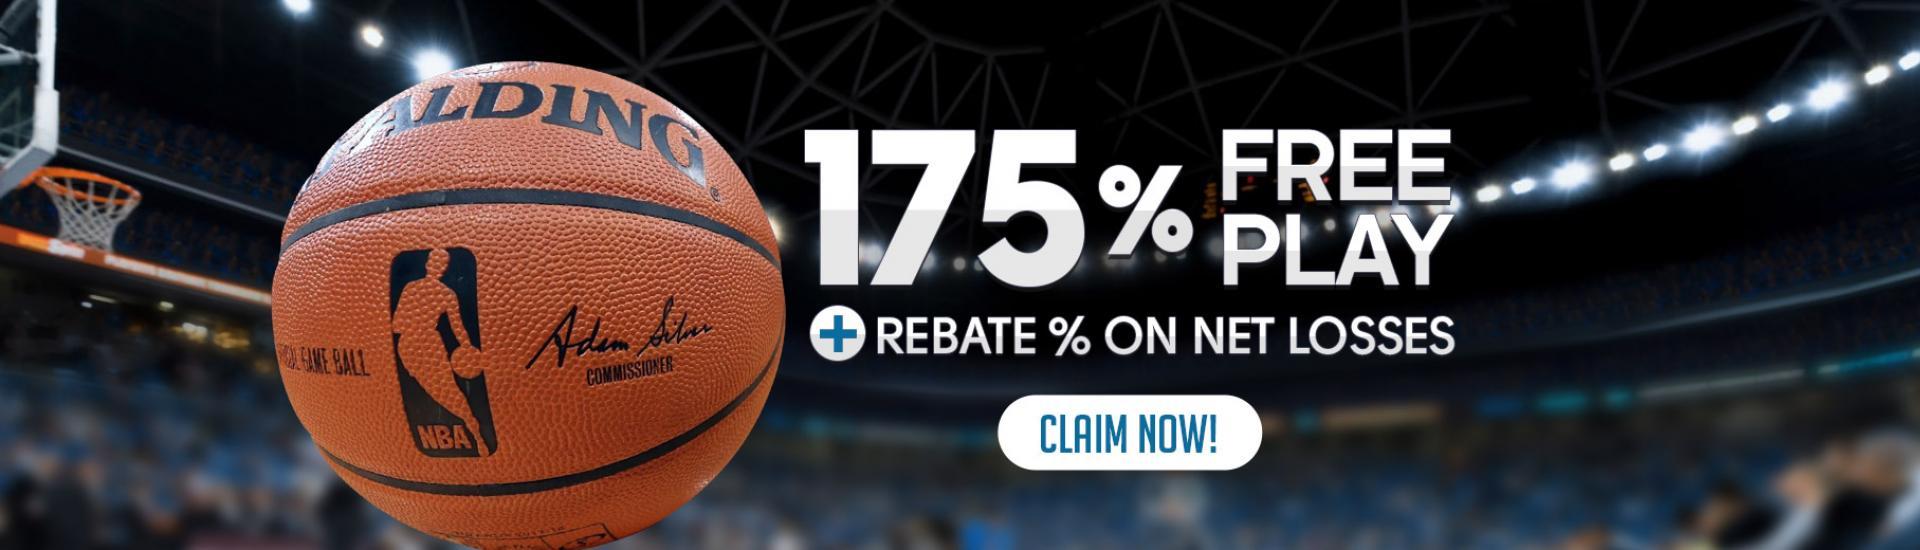 NBA is Back 175% Free Play + Rebate % on net losses